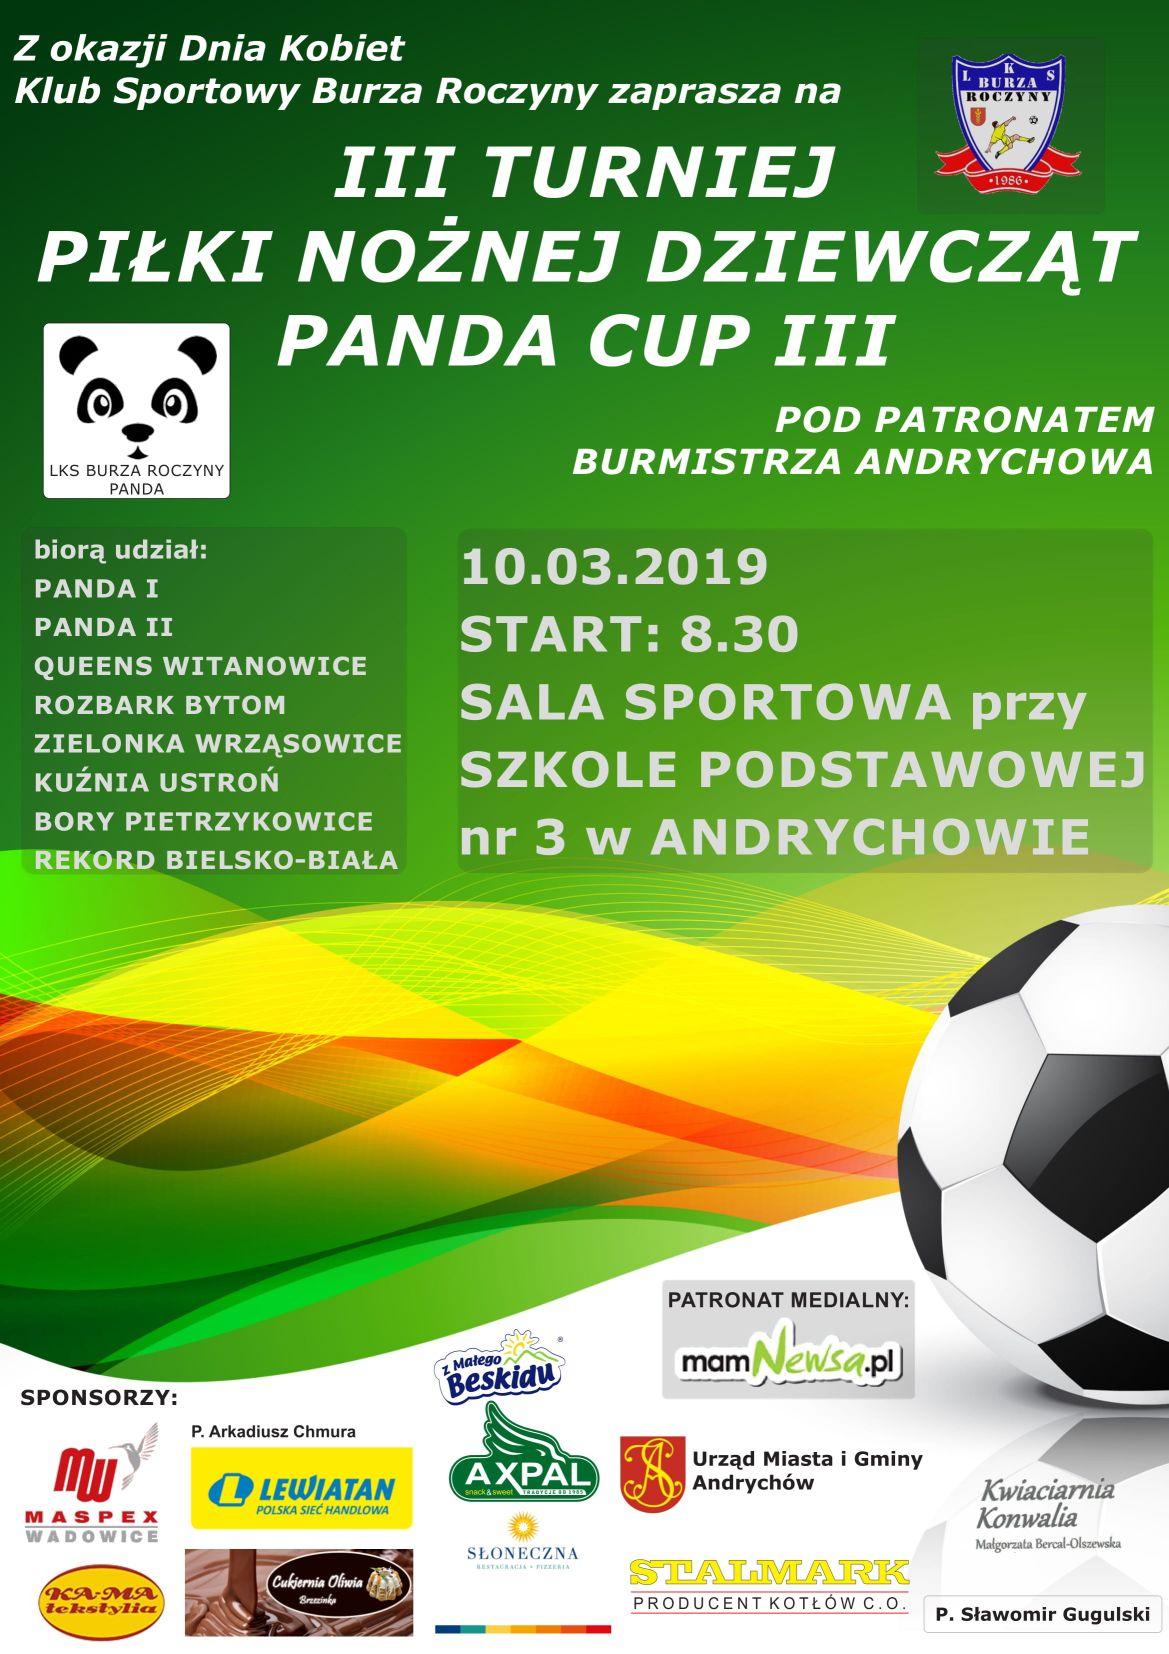 Turniej piłkarski dziewcząt na Dzień Kobiet